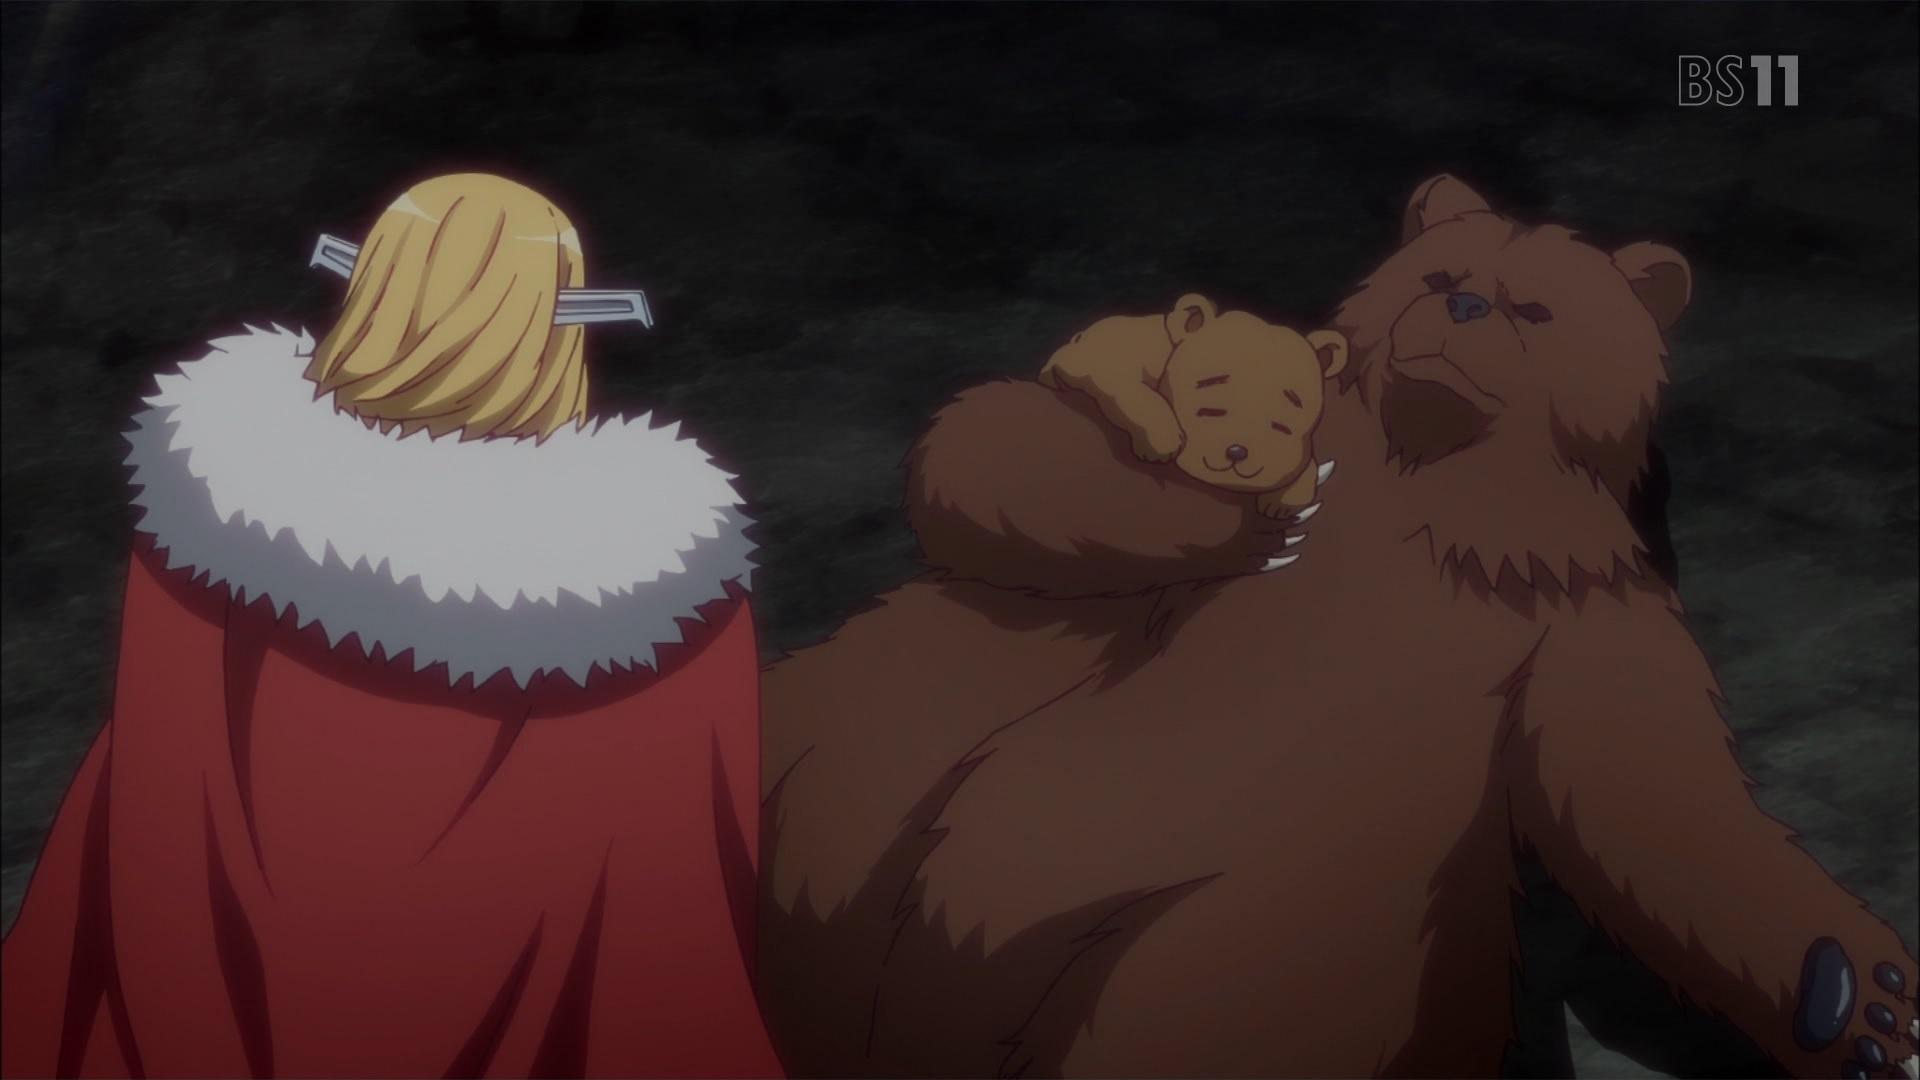 リオンの父とクマ